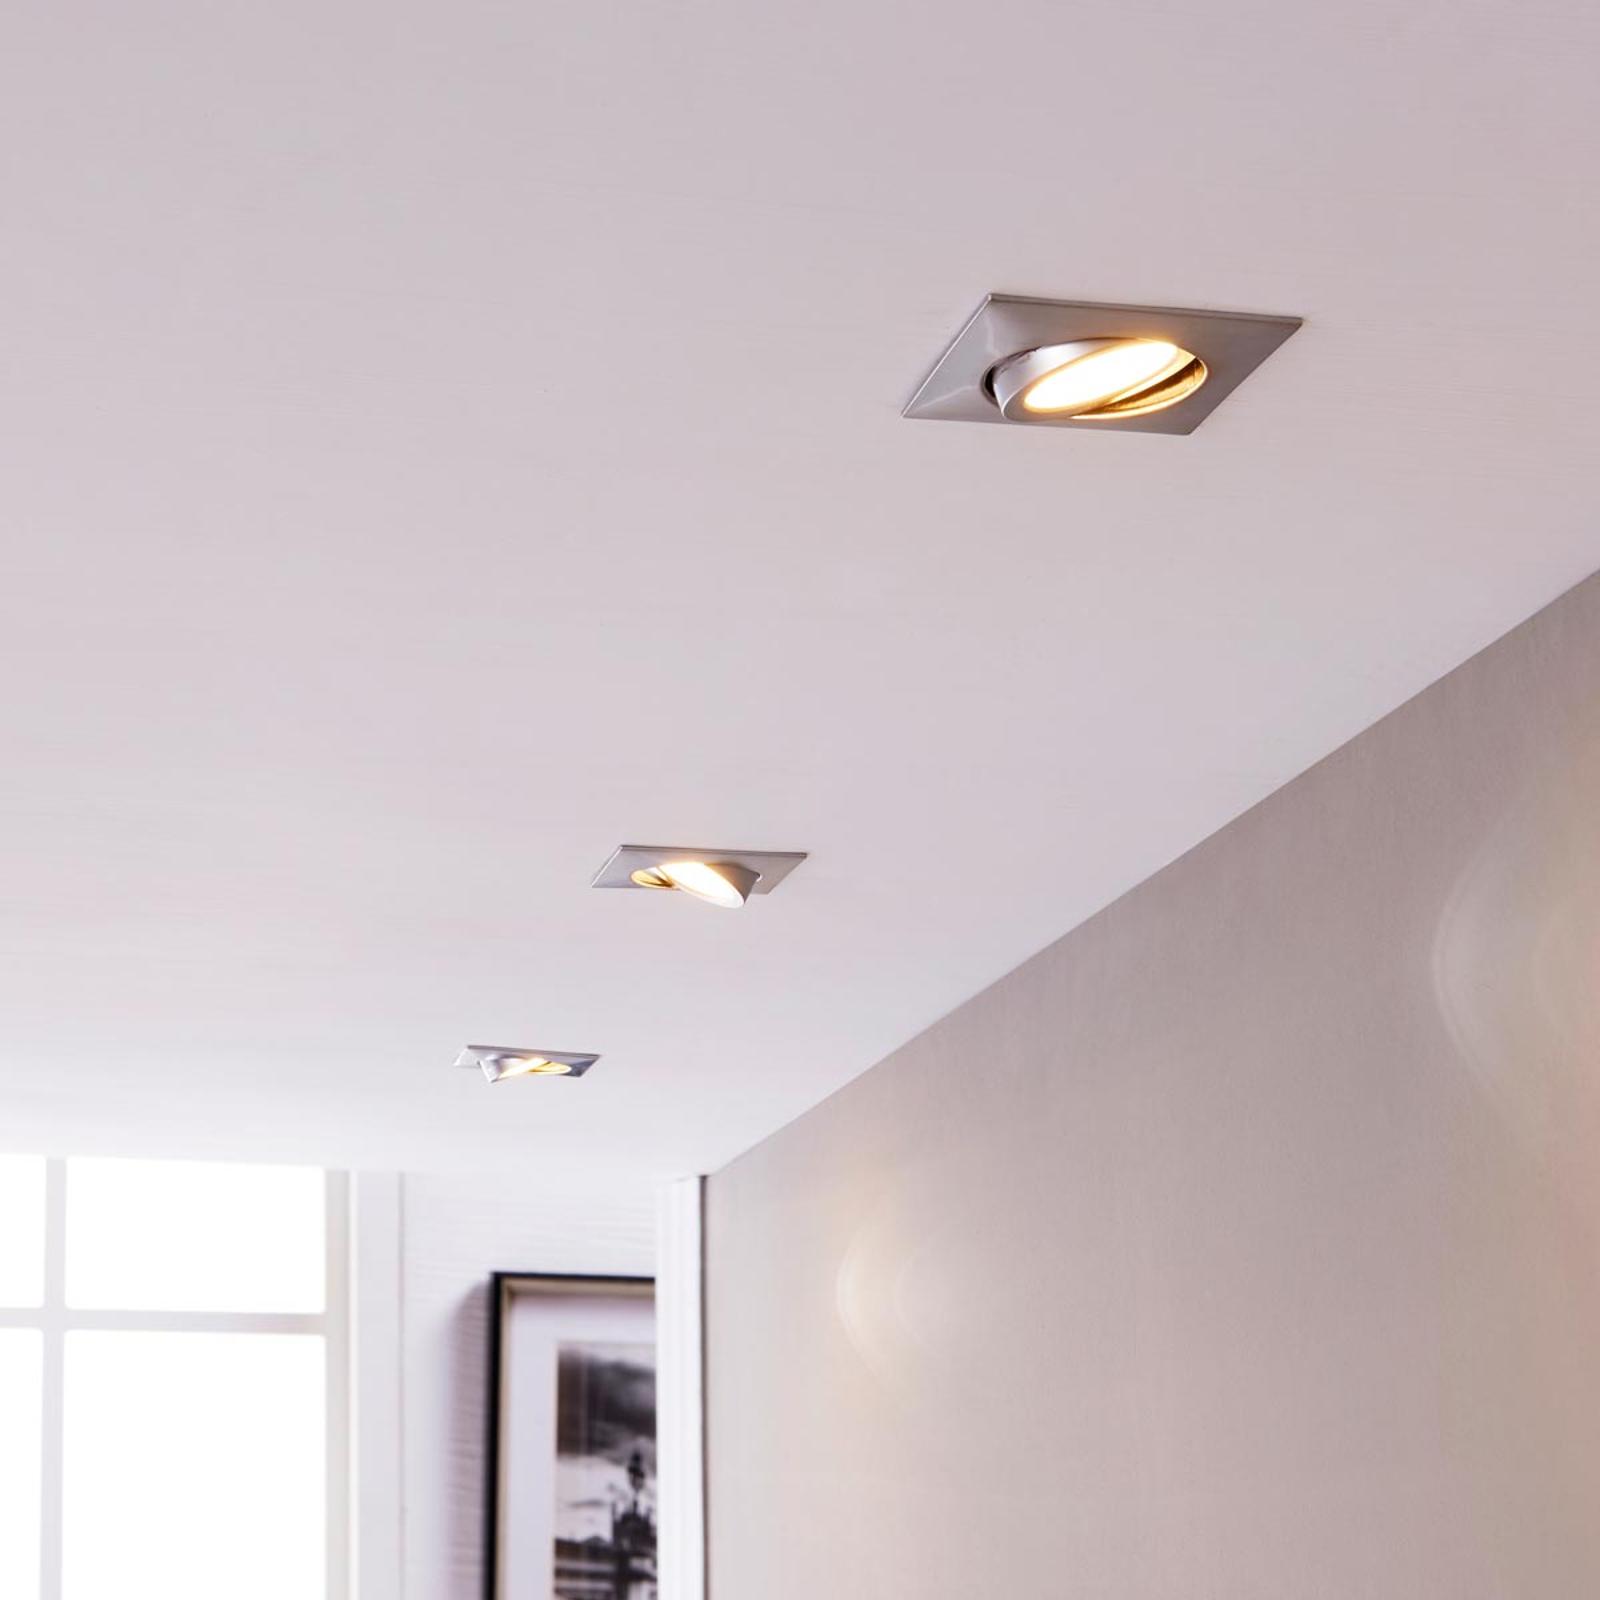 Andrej - set di 3 faretti LED da incasso cromati